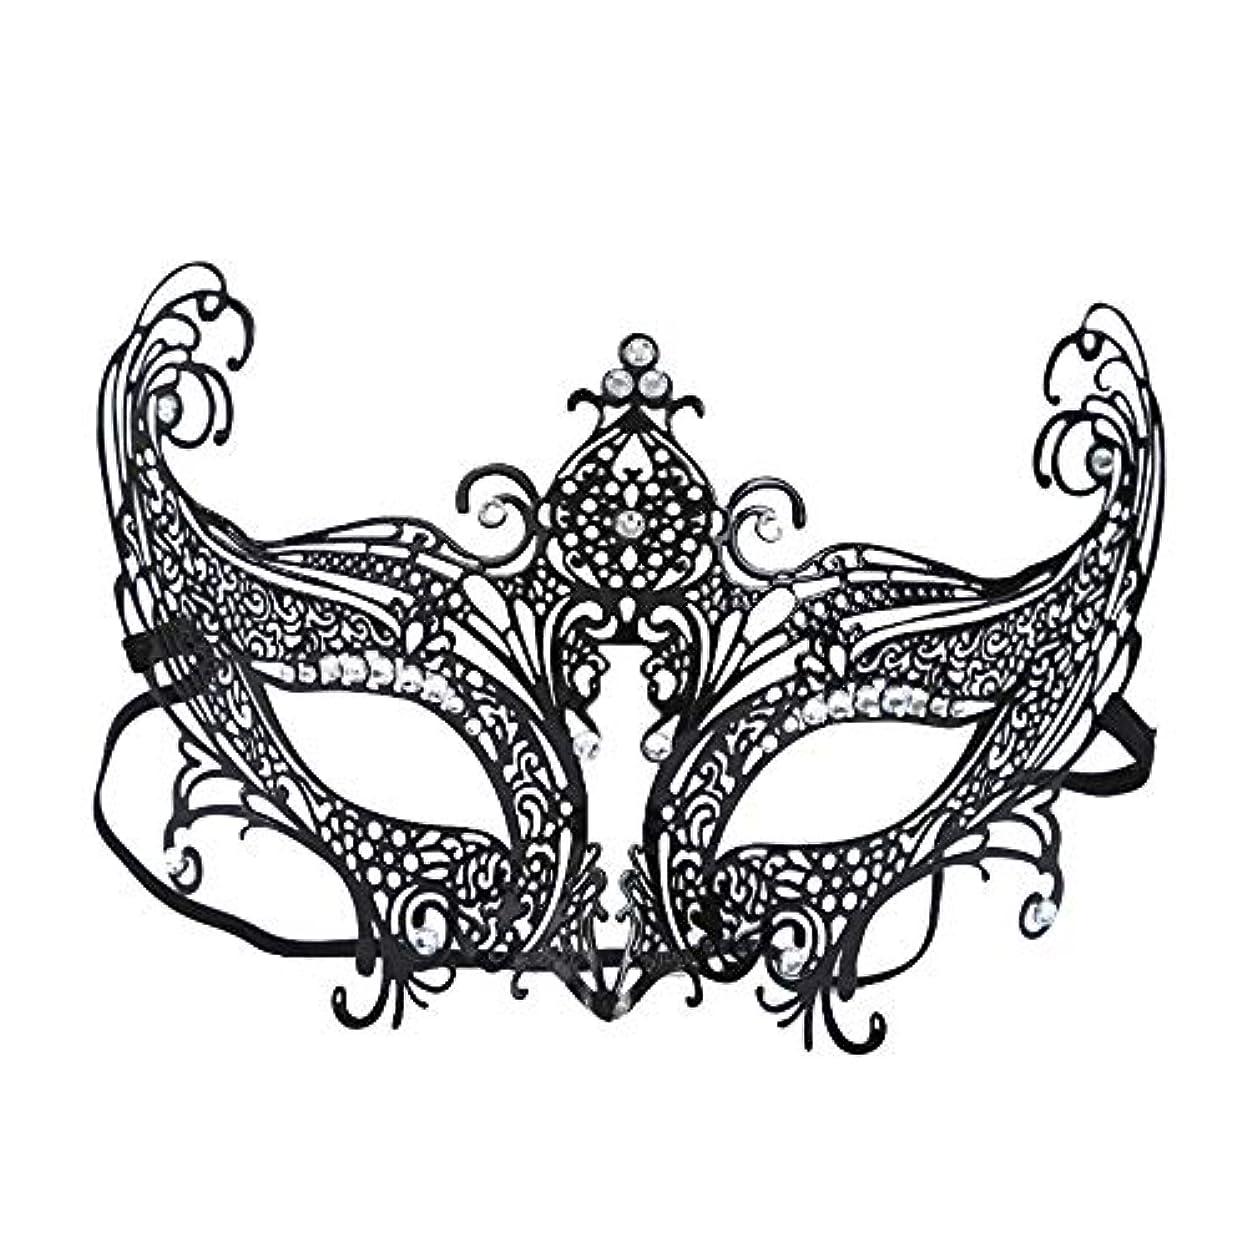 脱臼する言い換えると同様のハーフフェイスアイアンマスクハロウィンヴェネツィア仮装メタルダイヤモンドフォックスマスクセクシーファンアイマスク (Color : A)